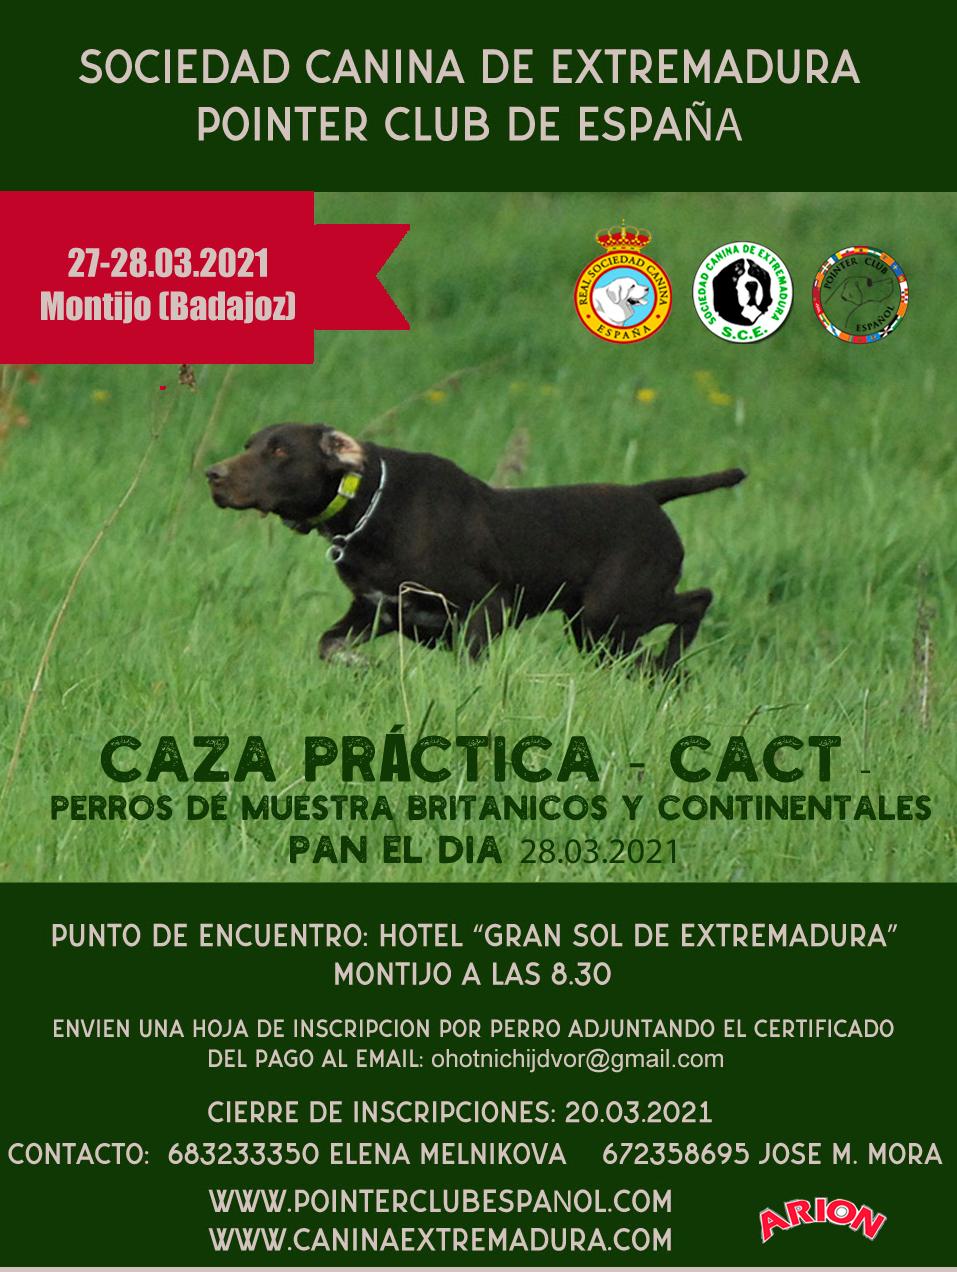 Prueba de caza Practica CACT para perros de muestra britanicos y continentales